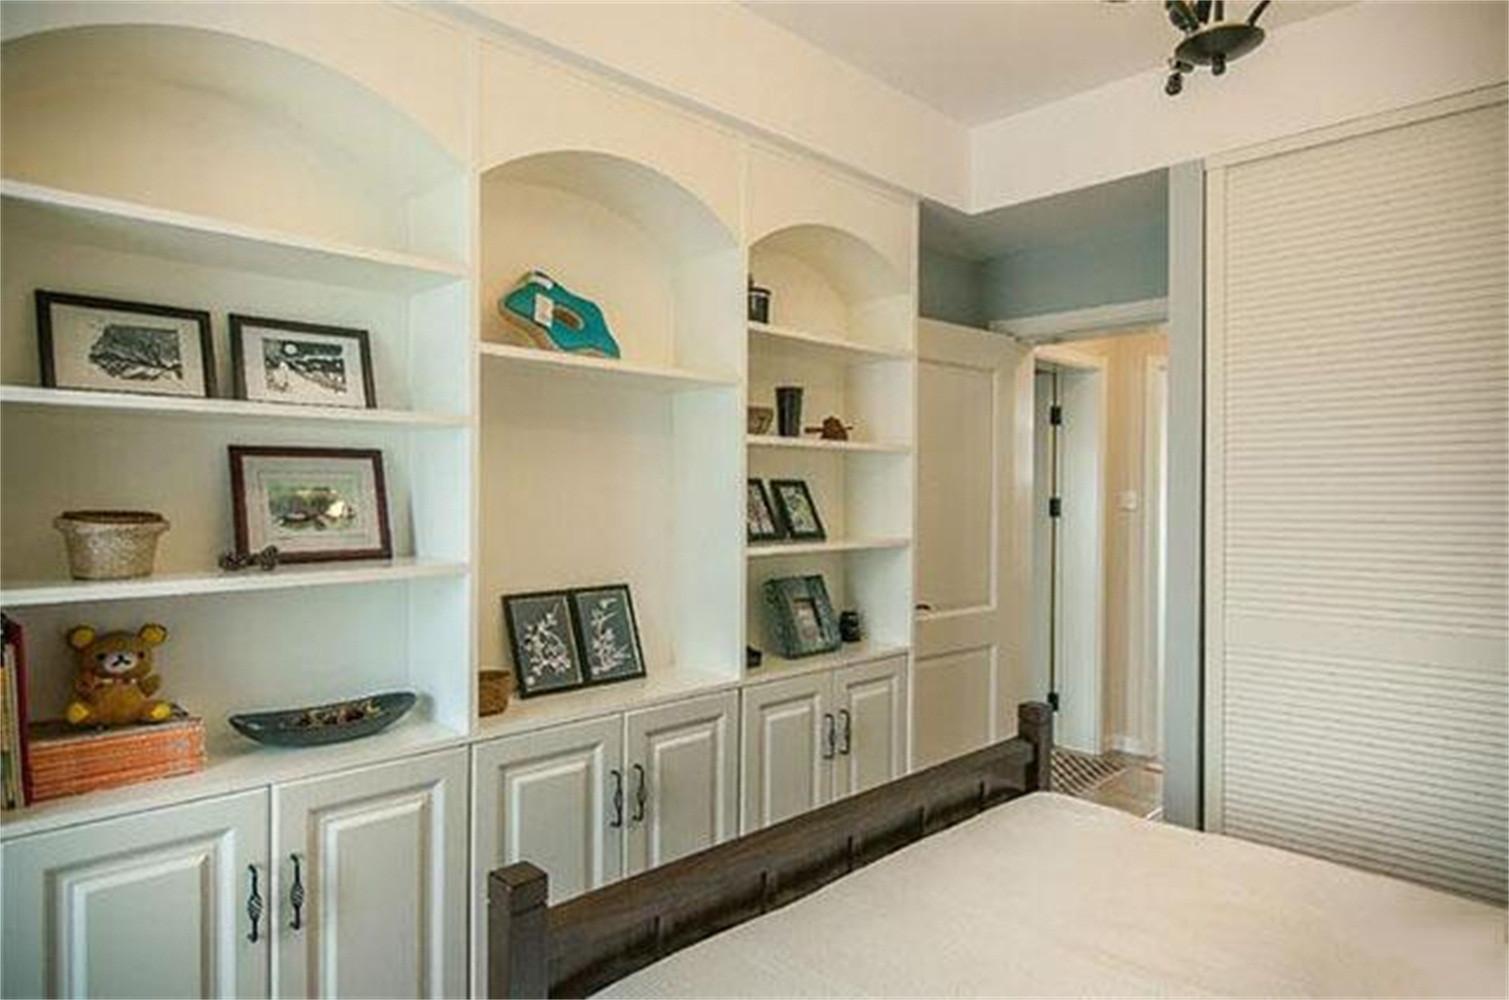 120㎡美式三居装修展示柜图片